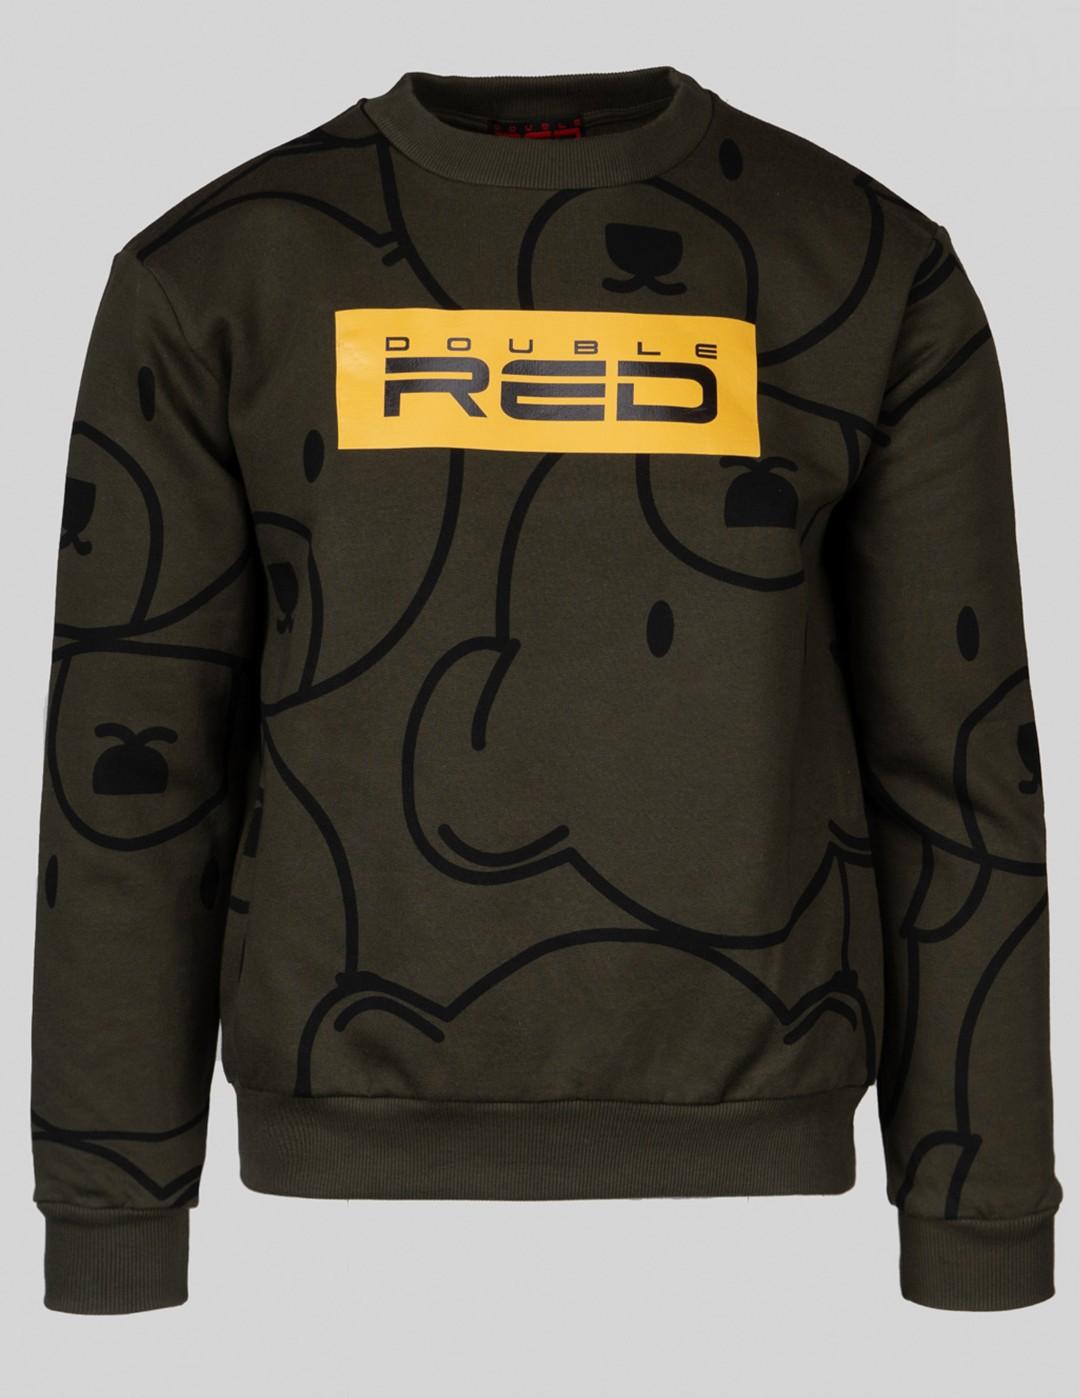 TEDDY Sweatshirt Olive Green